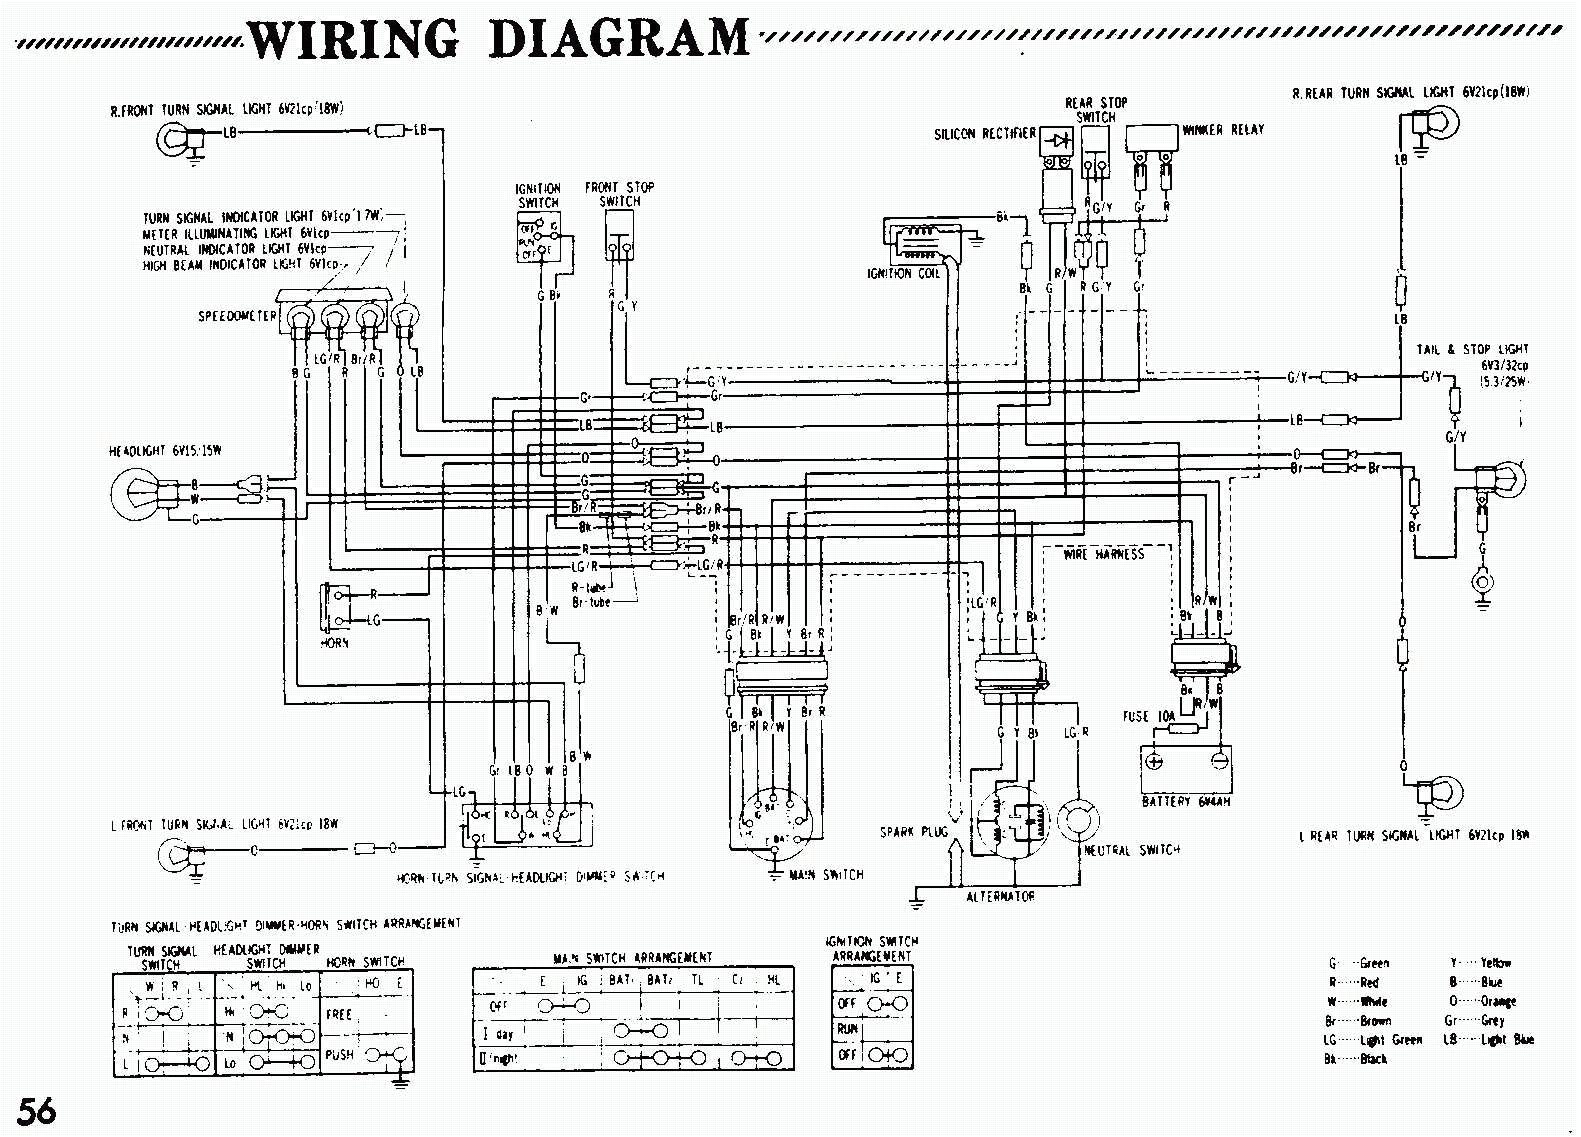 wiring diagram 1972 honda cl70 data diagram schematichonda trail 70 wiring diagram wiring diagram paper wiring